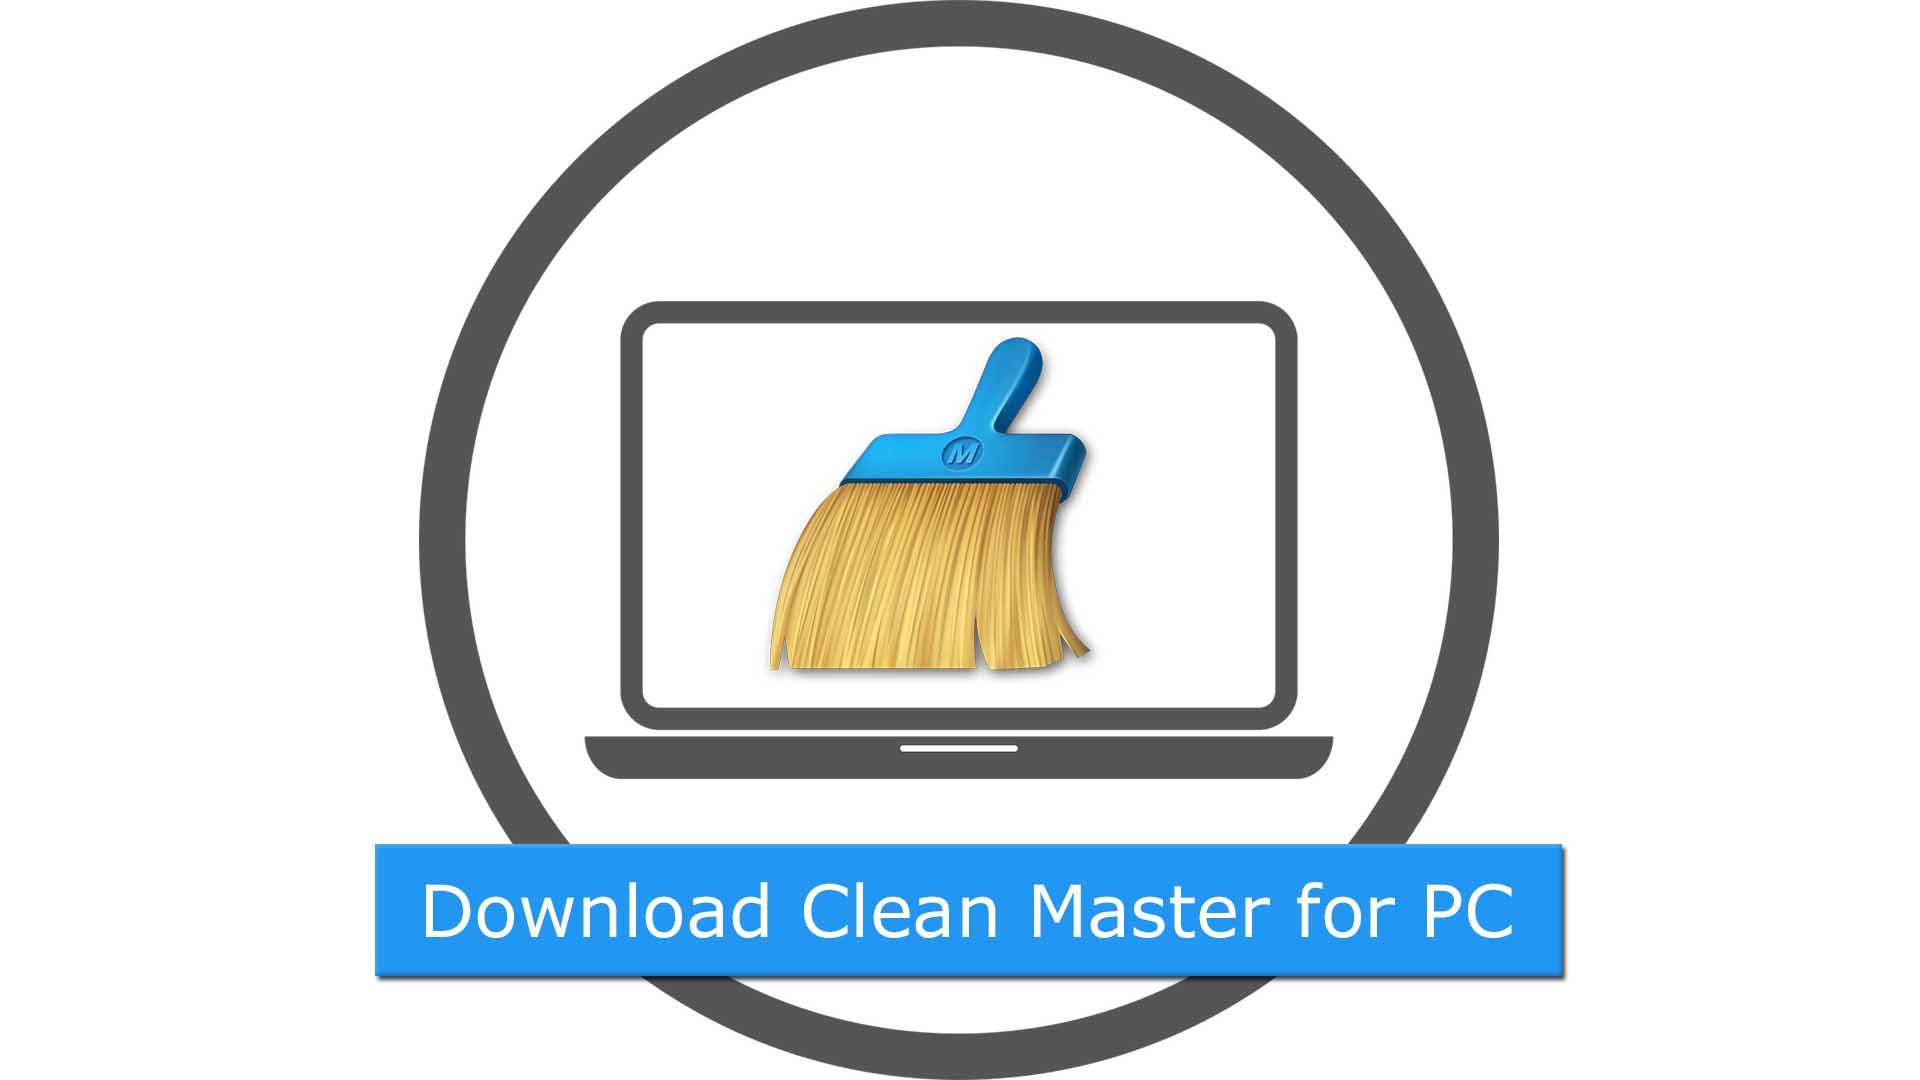 Download clean master apk4fun